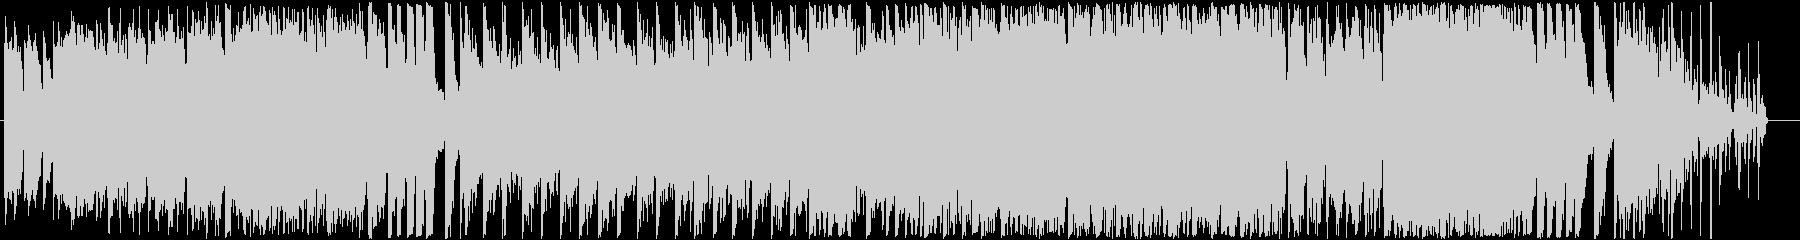 バッハの有名な協奏曲をEDMにしましたの未再生の波形